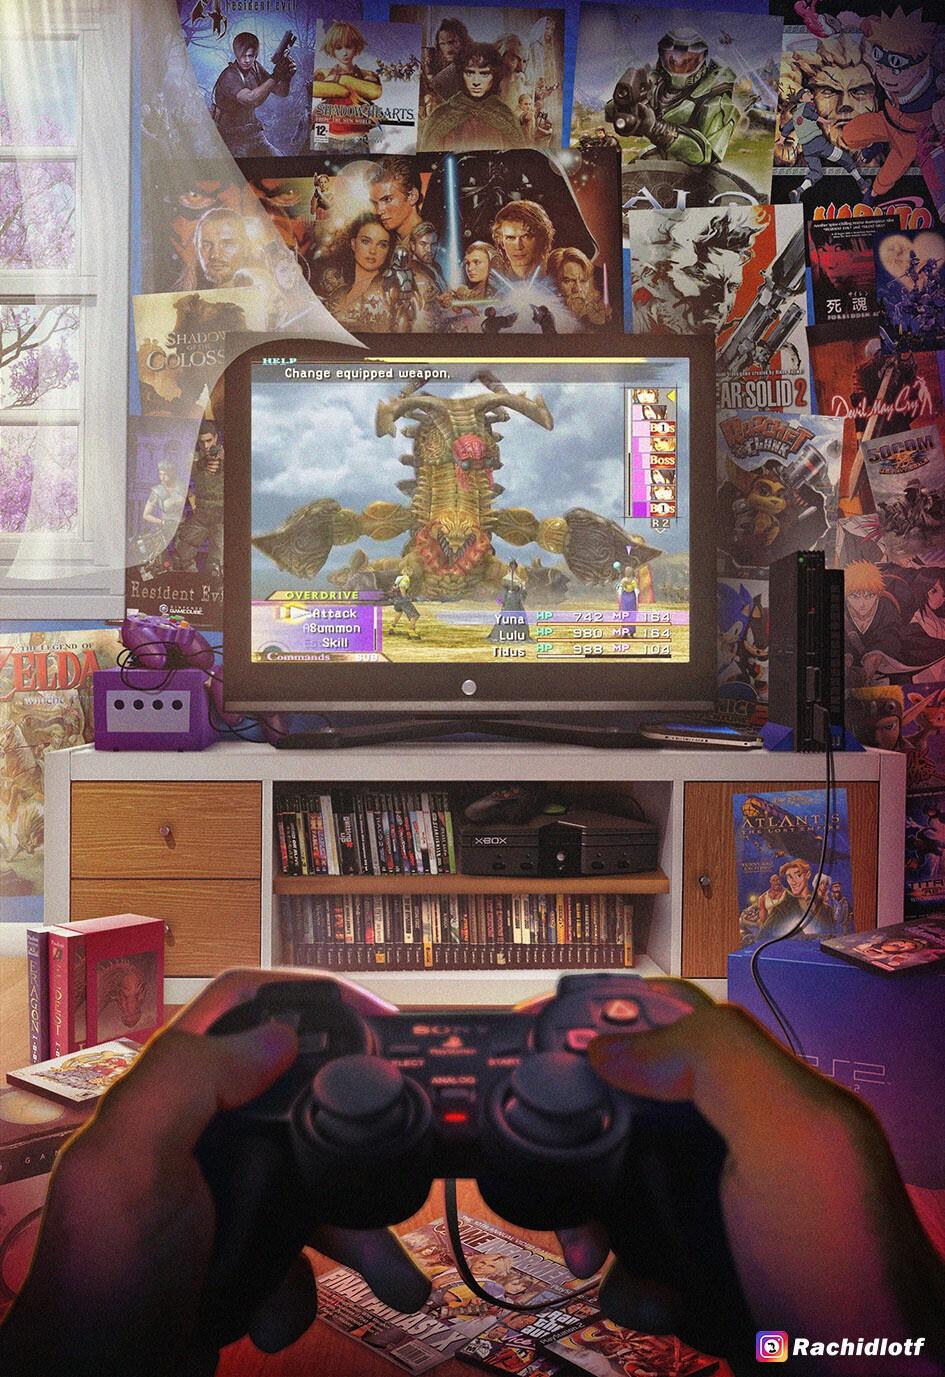 playstation_2-4791200.jpg